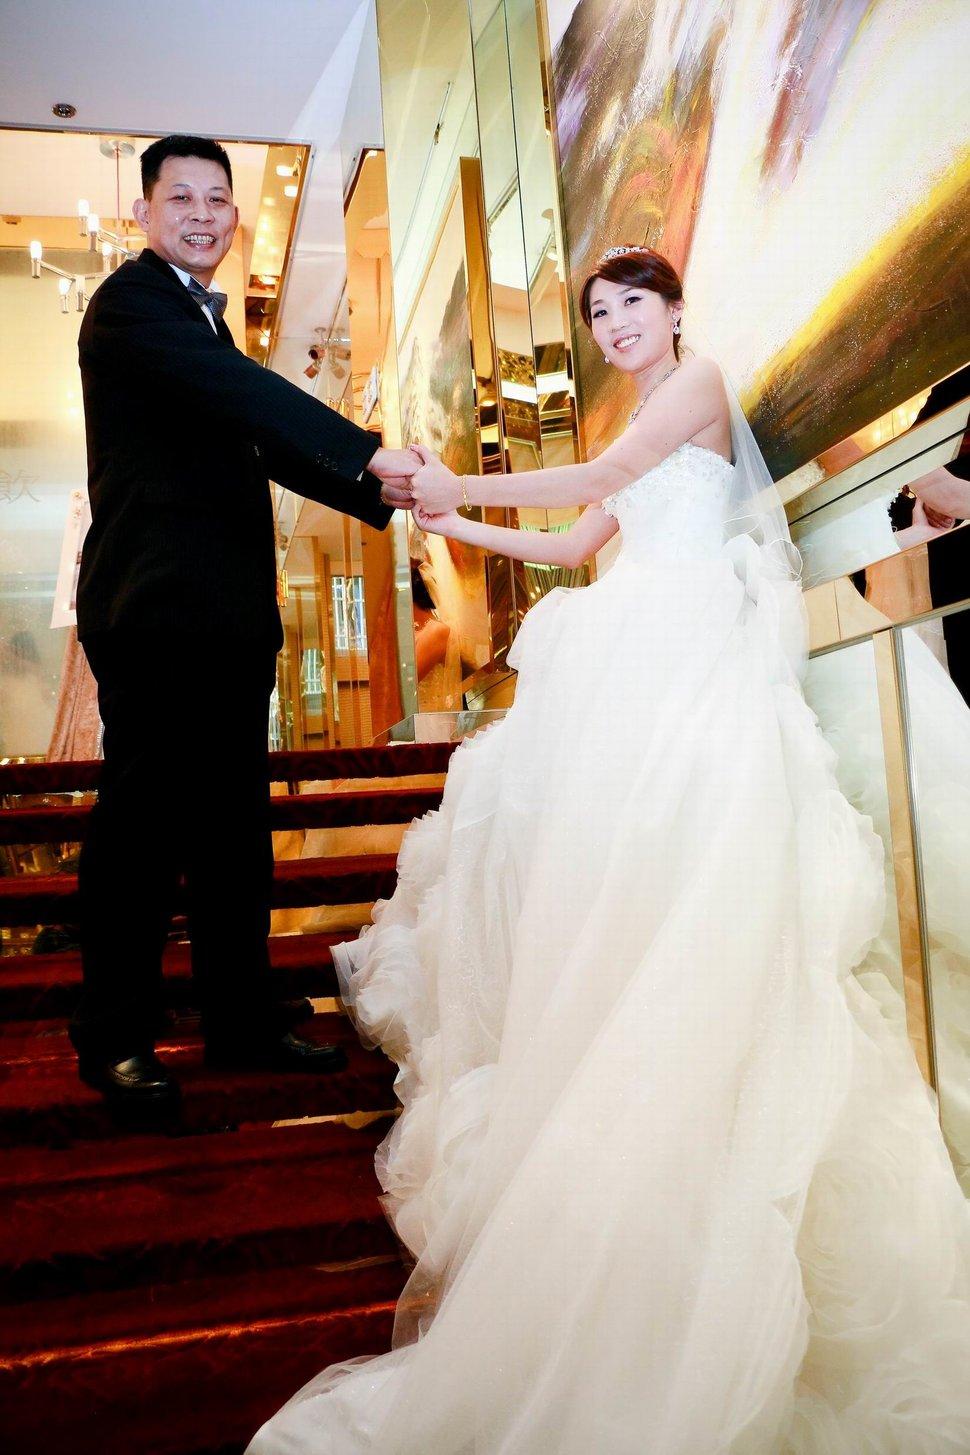 板橋吉立定結餐廳迎娶文定婚禮記錄結婚迎娶婚禮攝影動態微電影錄影專業錄影平面攝影影婚禮主持人(編號:197019) - 蜜月拍照10800錄影12800攝影團隊 - 結婚吧